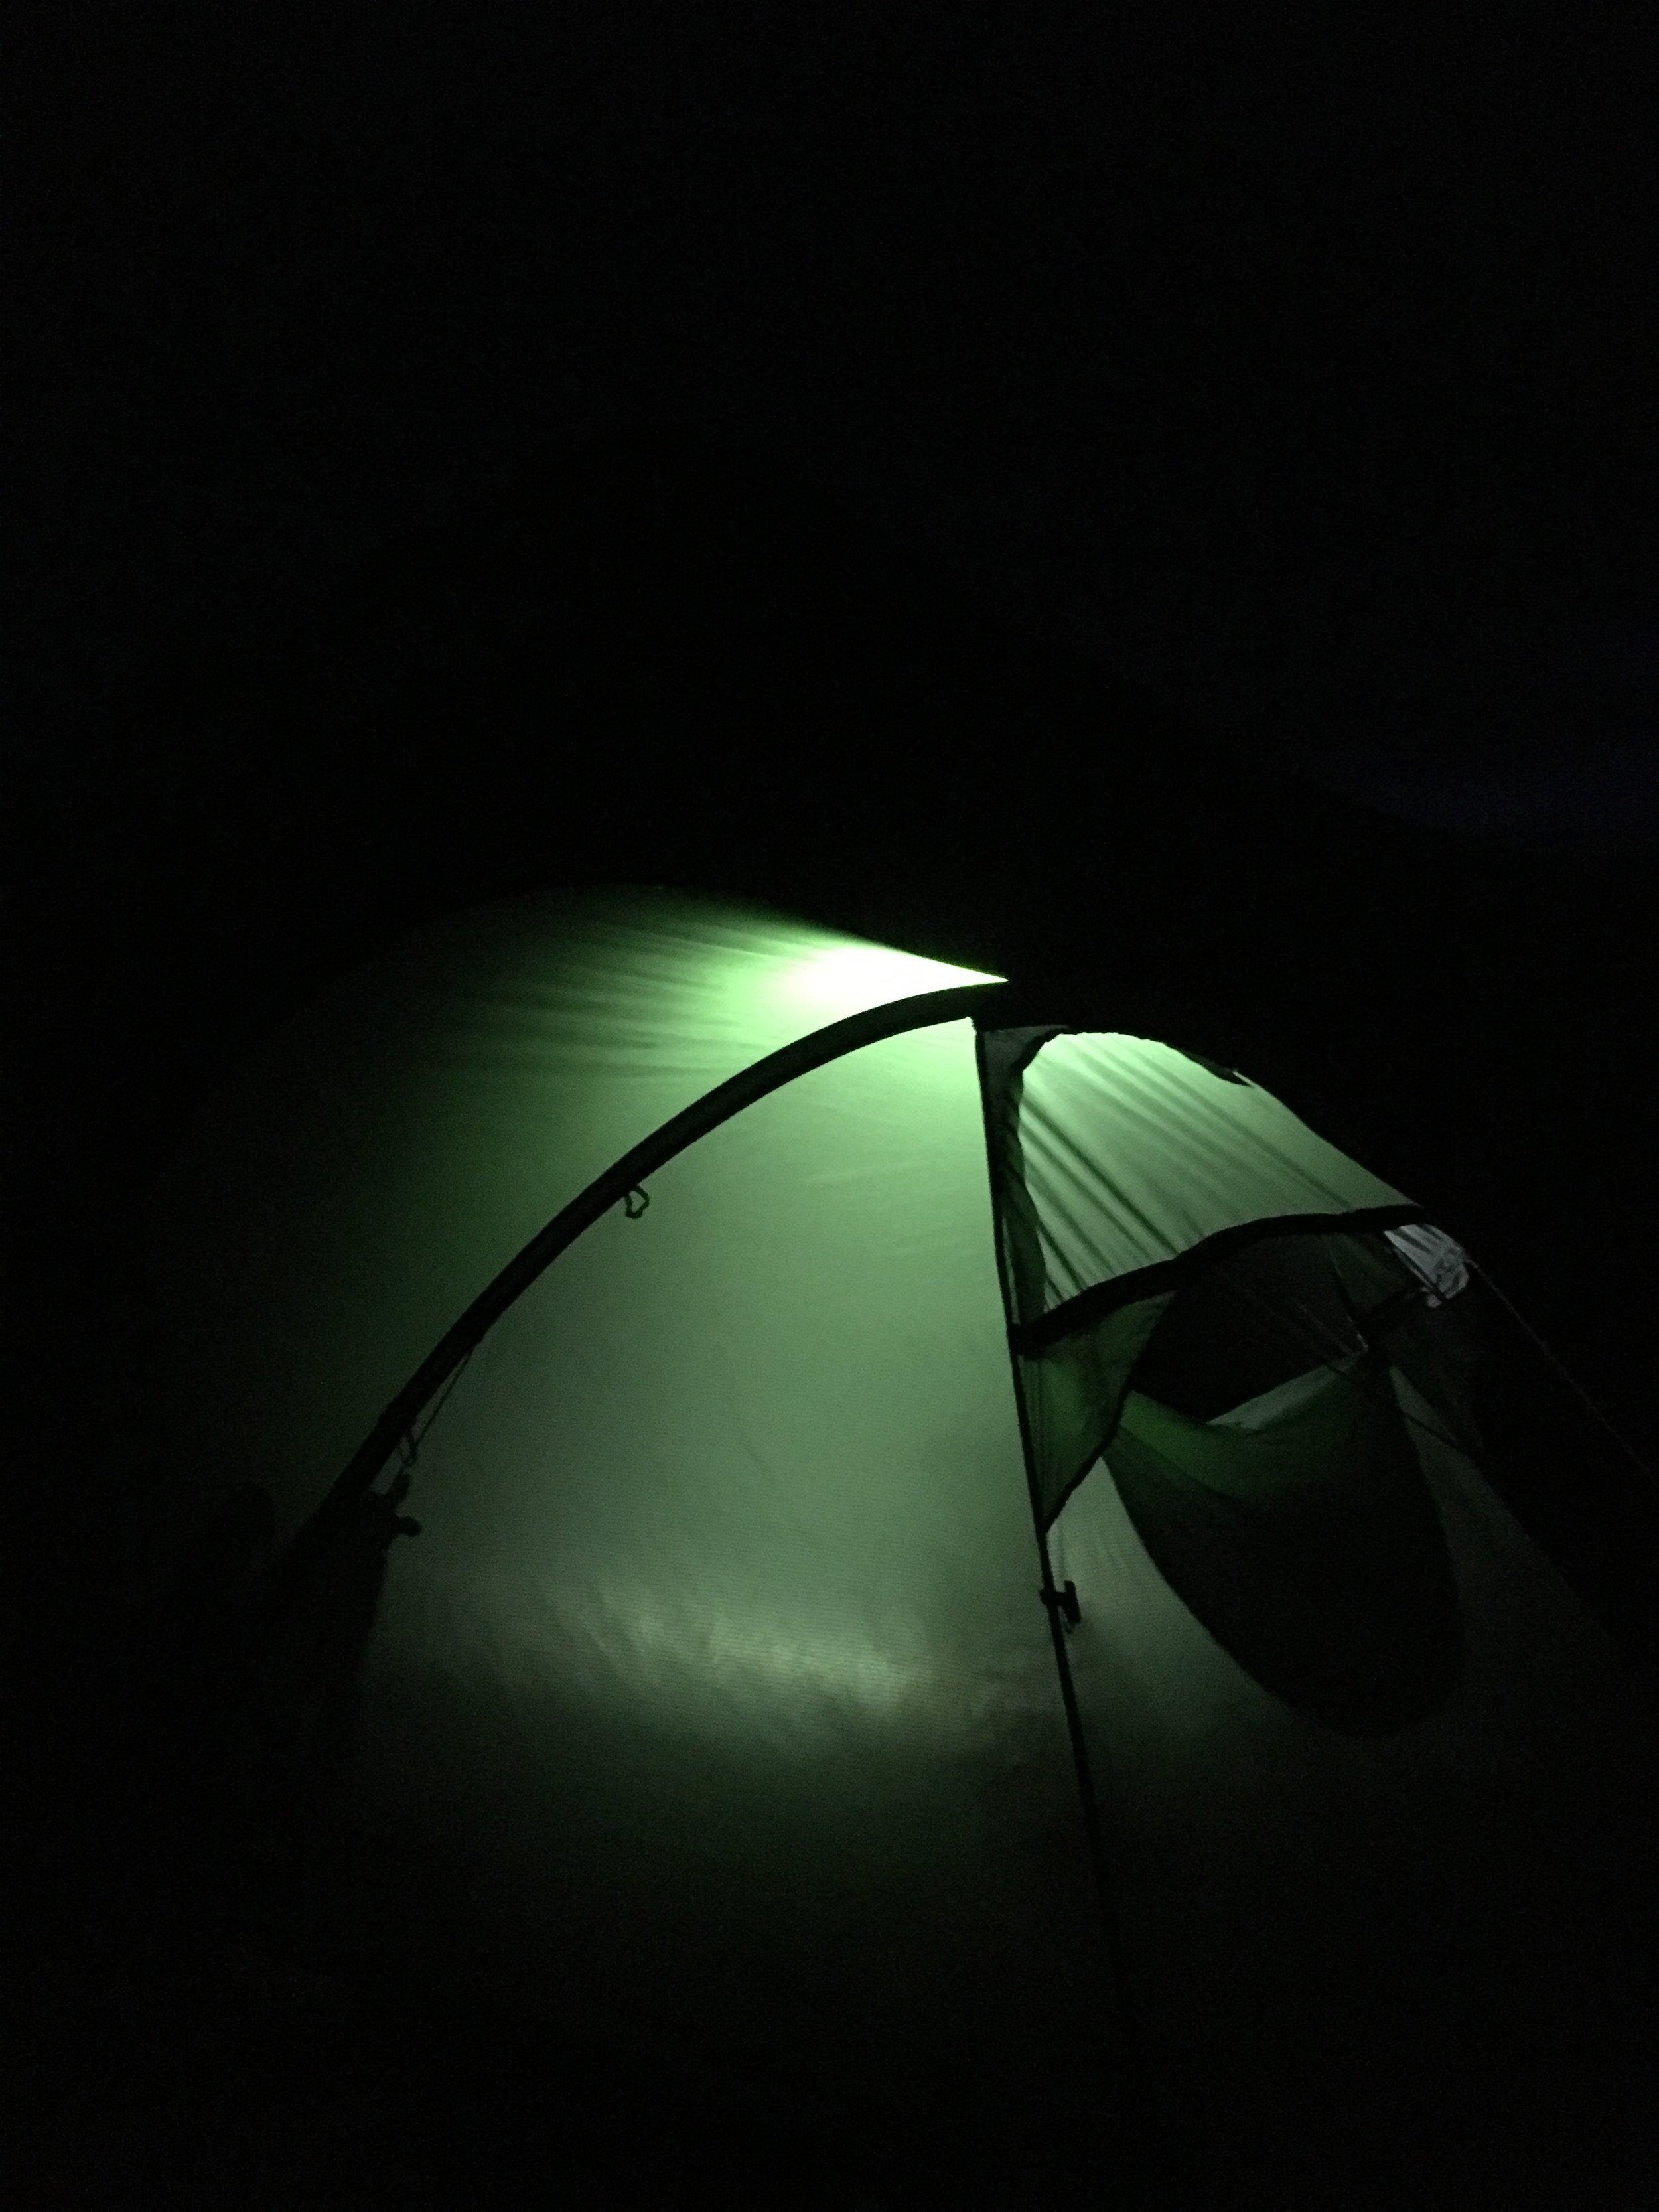 Godmorgen fra teltet. Jesper roder rundt og gør sig klar. Klokken er lidt over 4.